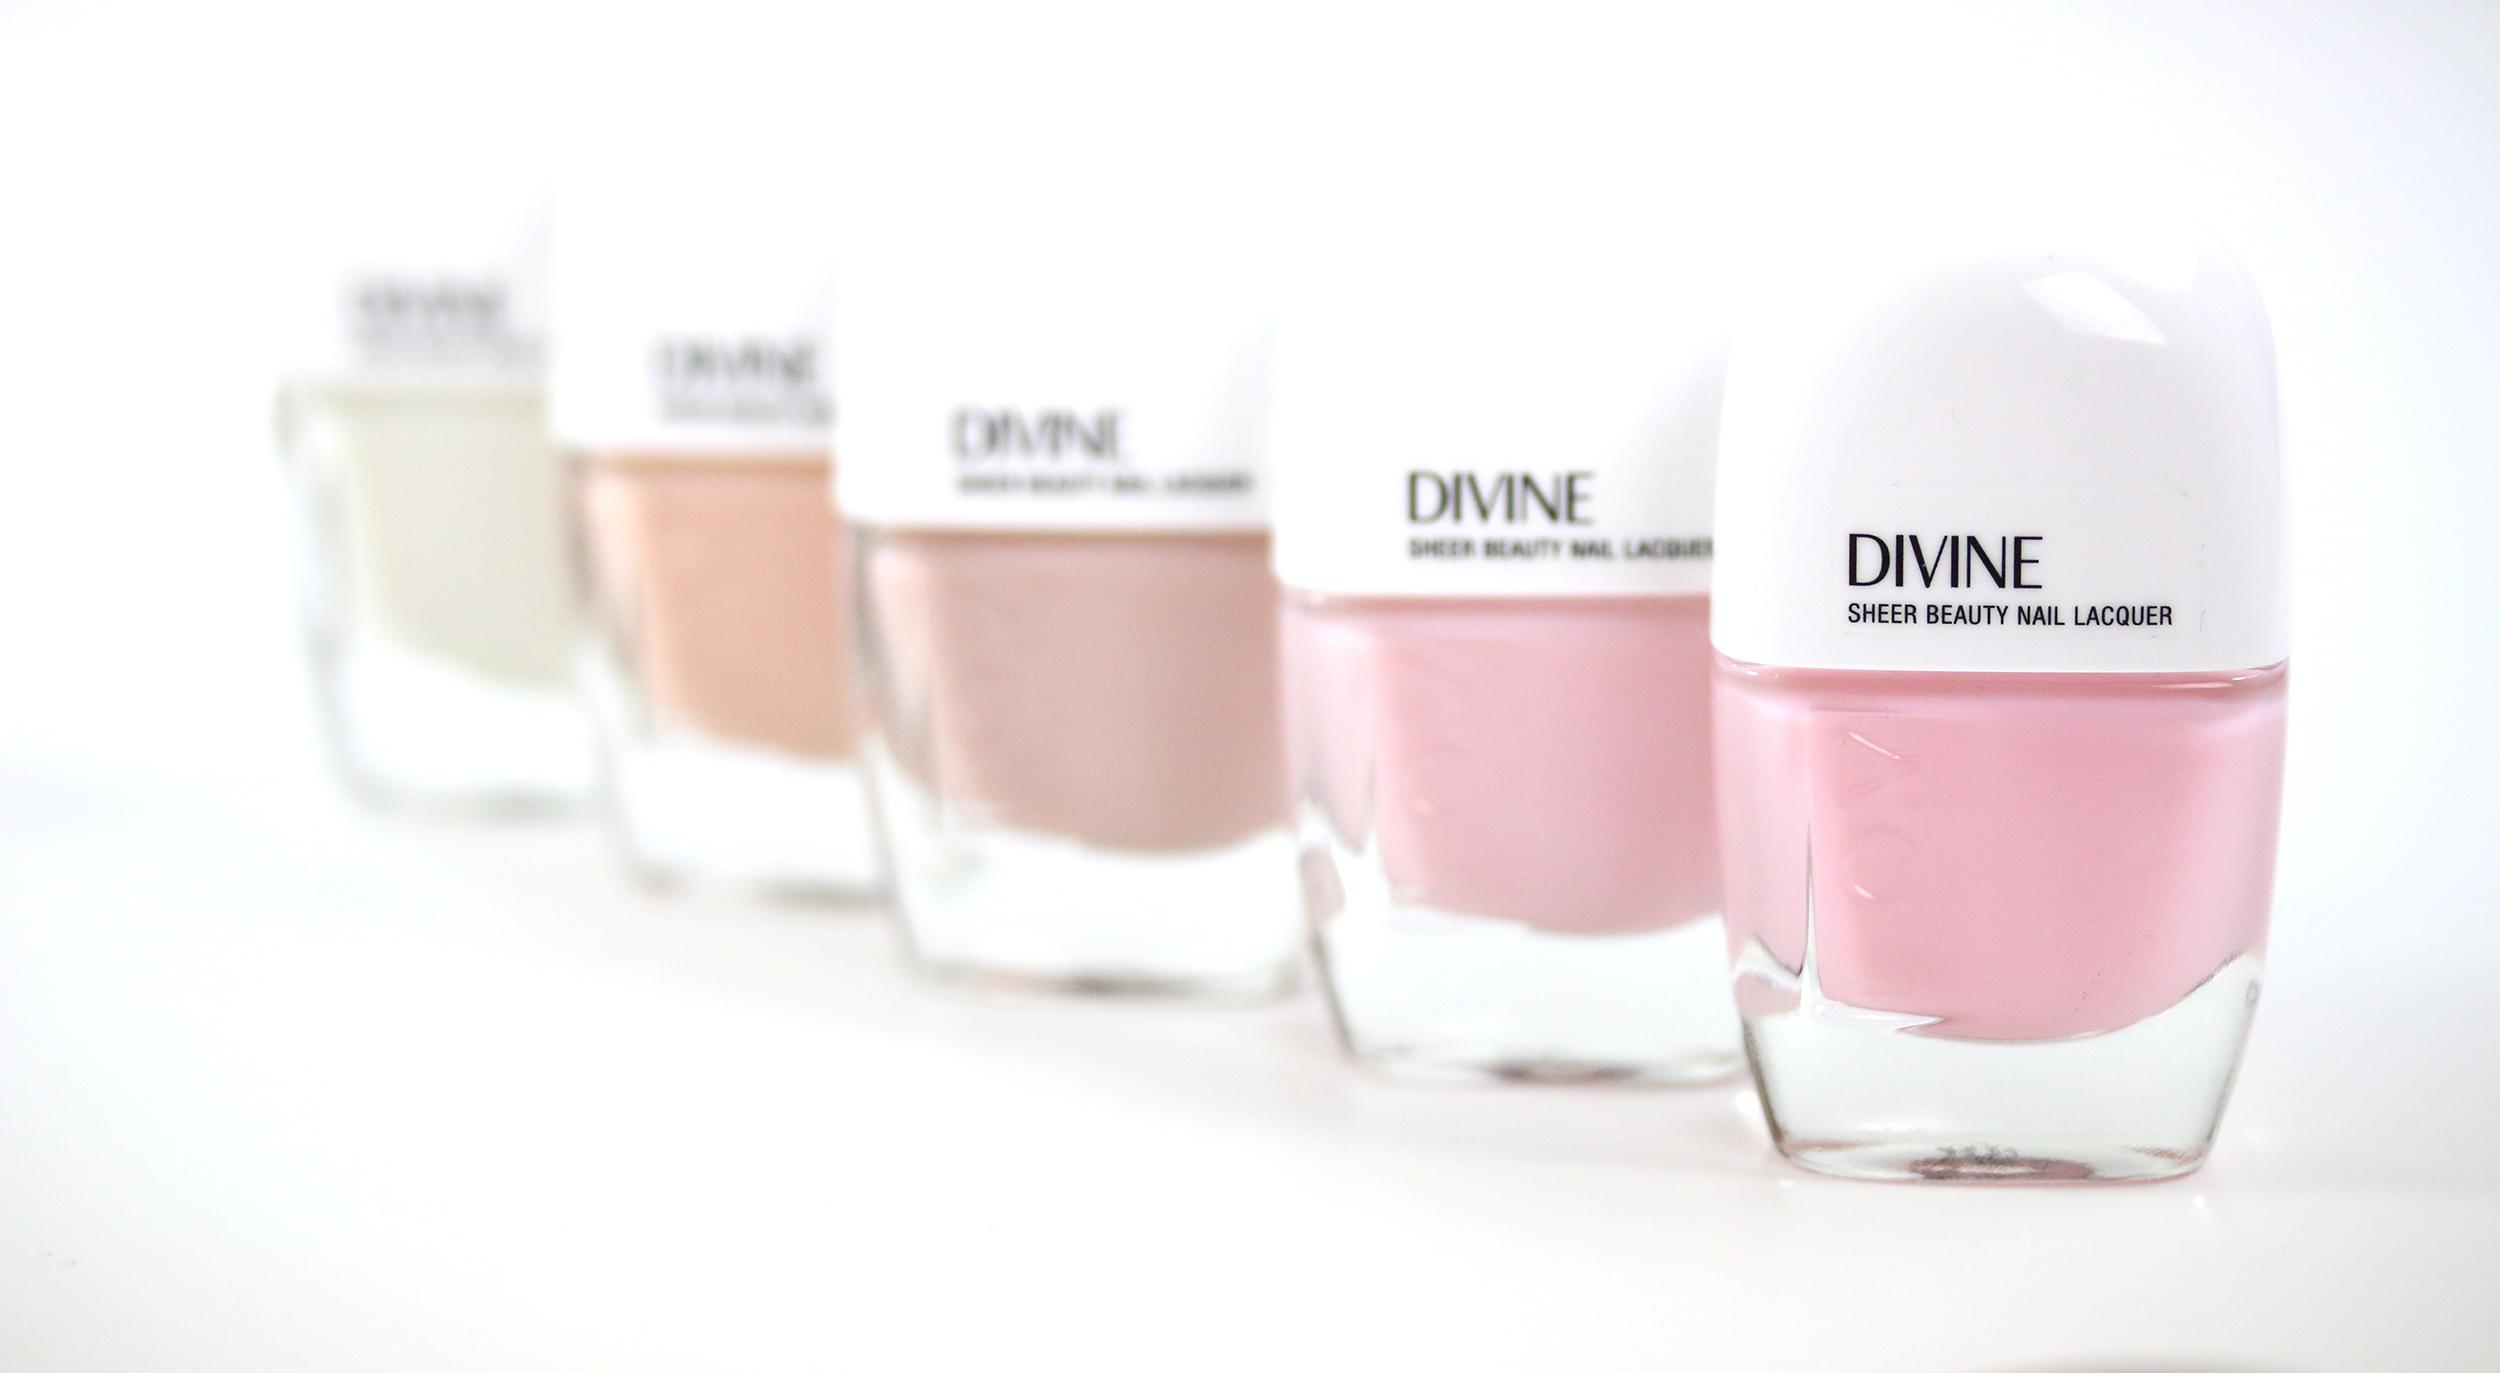 lov-divine-sheer-nail-polish